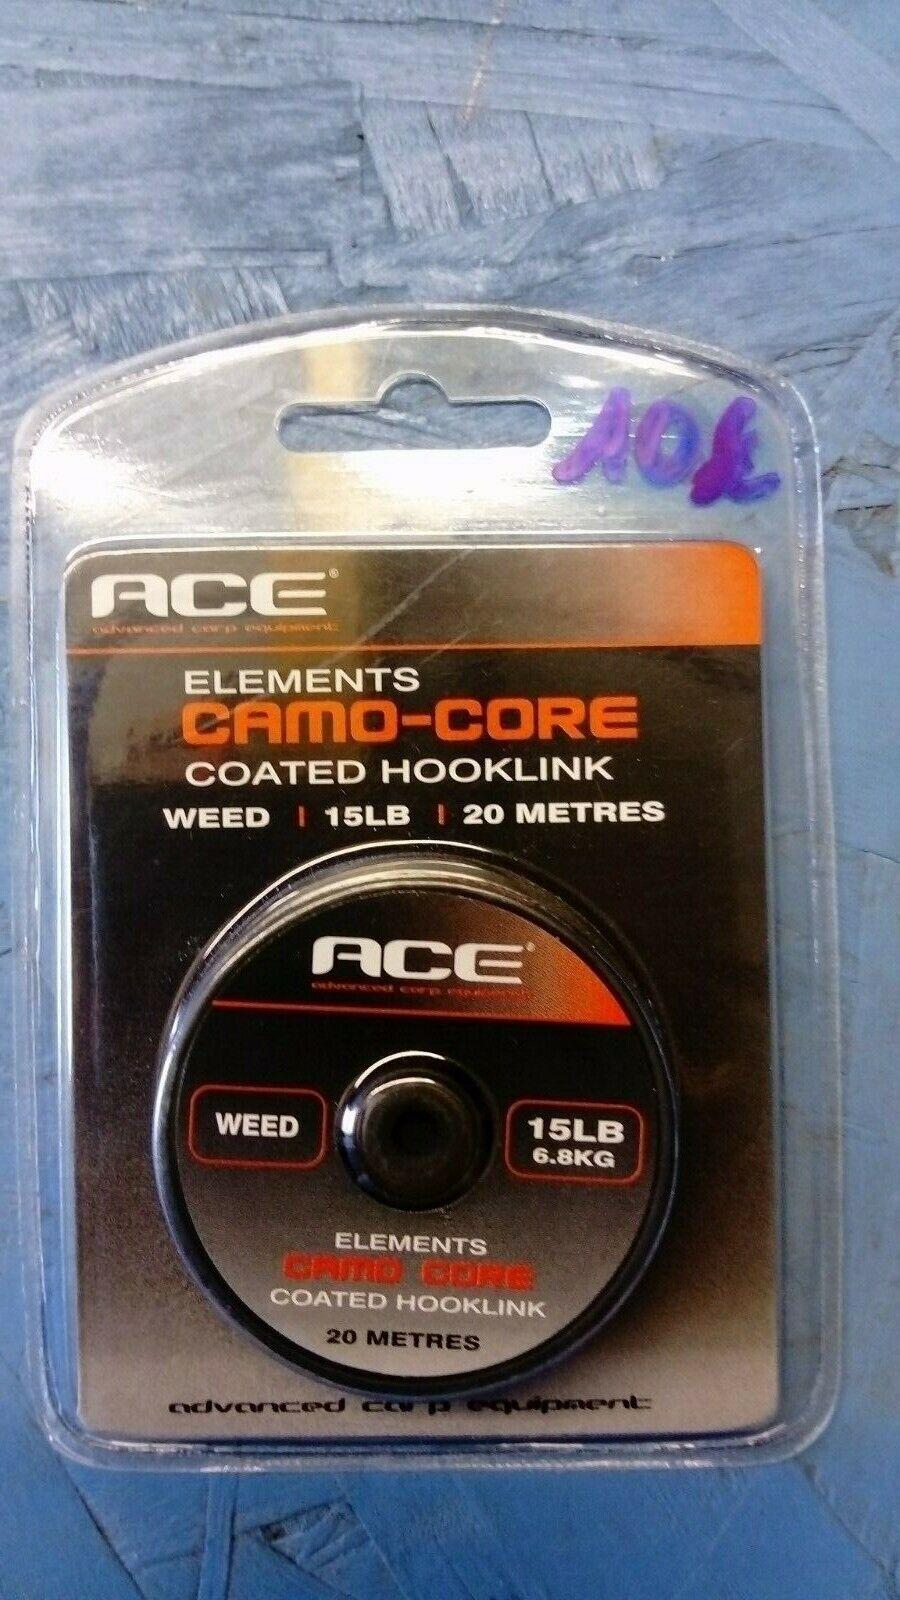 Tresse CAMO-CORE COATED HOOKLINK WEED ACE 6.8 kg 15 LB 20m neuf